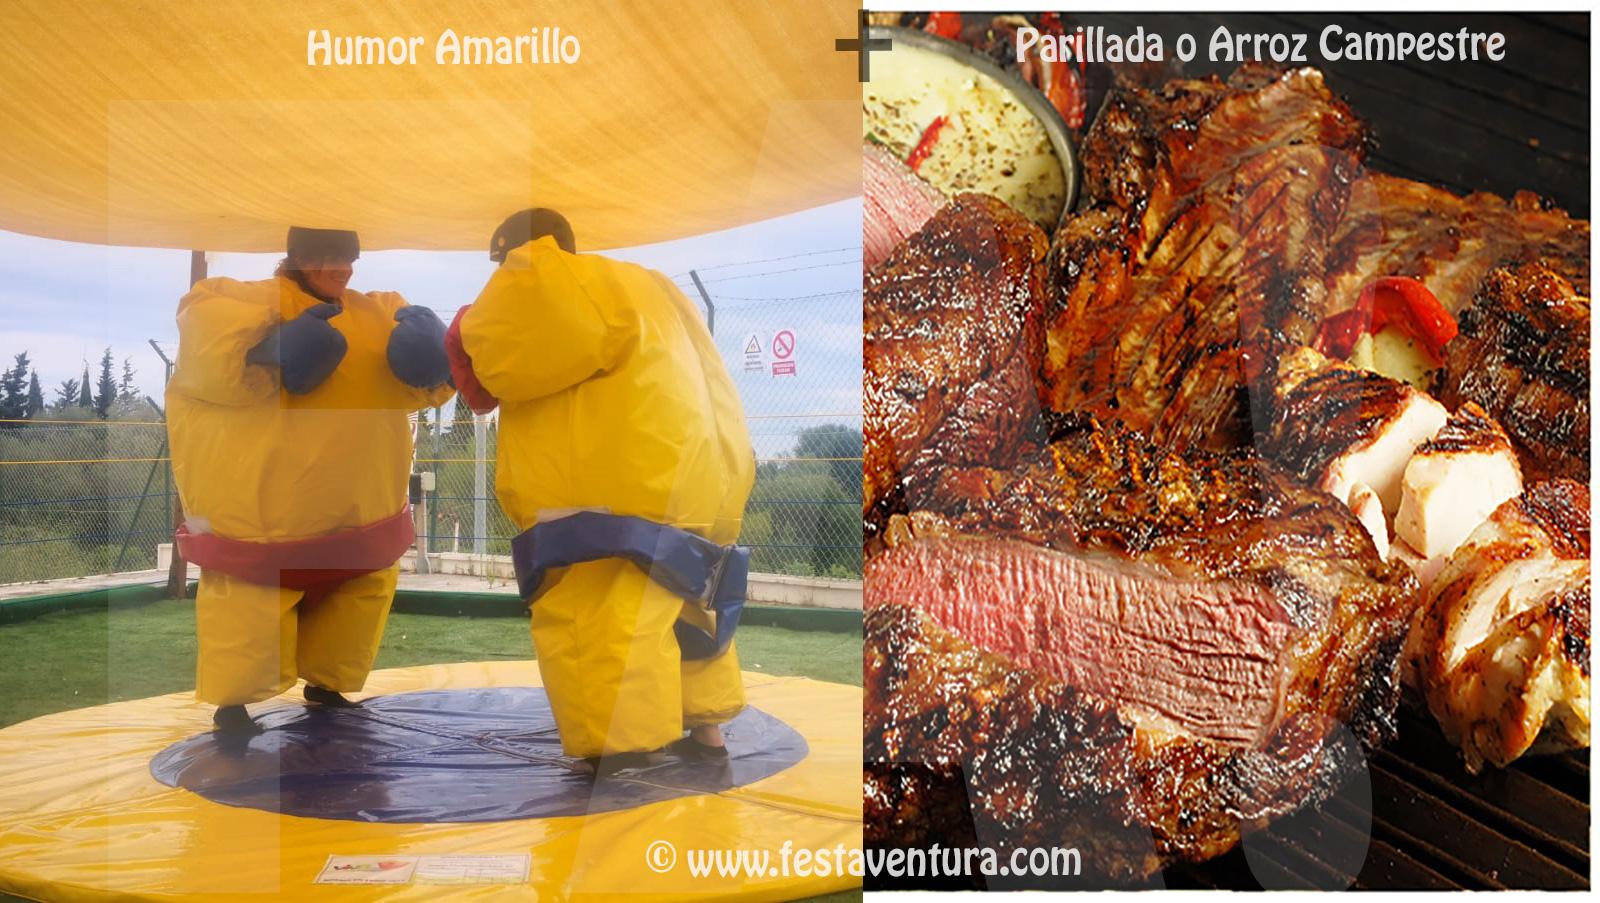 Humor Amarillo + Comida con barra libre en Sitges